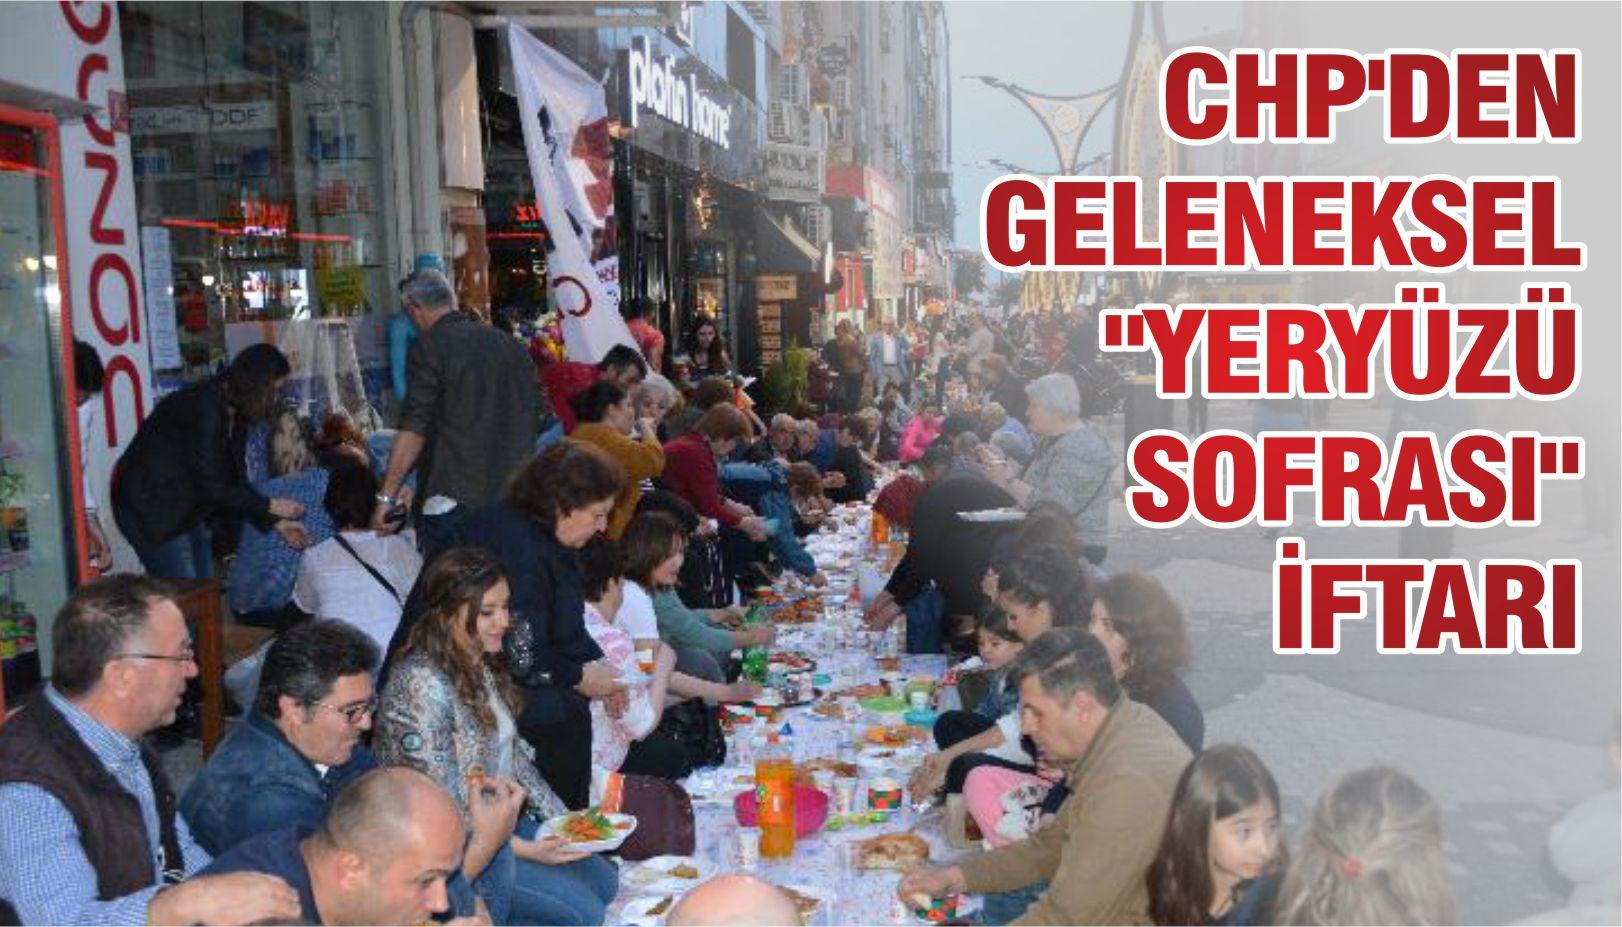 """CHP'DEN GELENEKSEL """"YERYÜZÜ SOFRASI"""" İFTARI"""